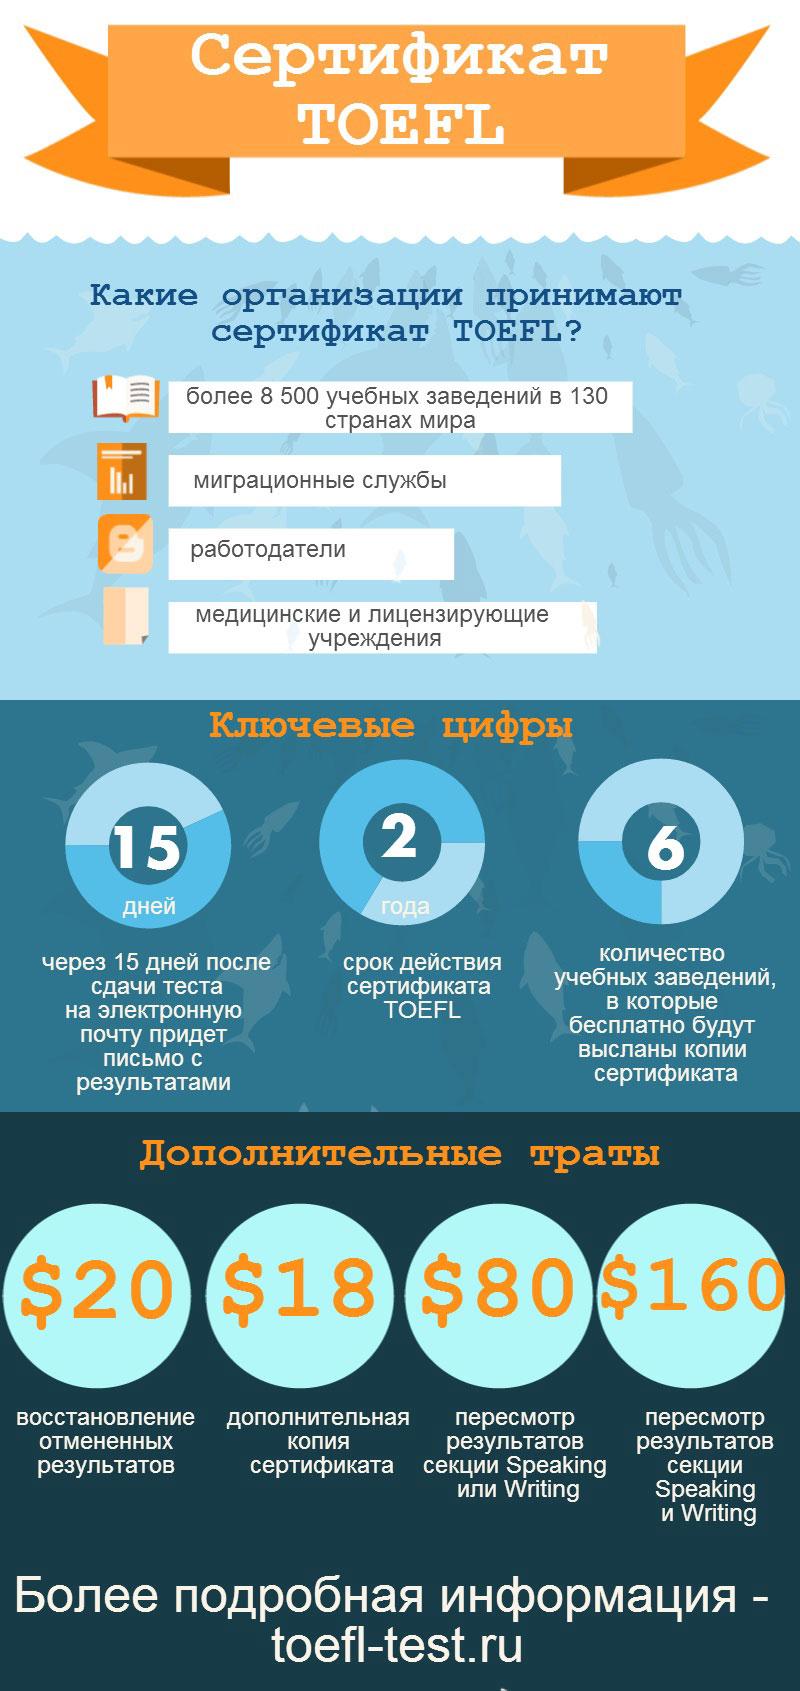 Все о сертификате TOEFL в инфографике от toefl-test.ru